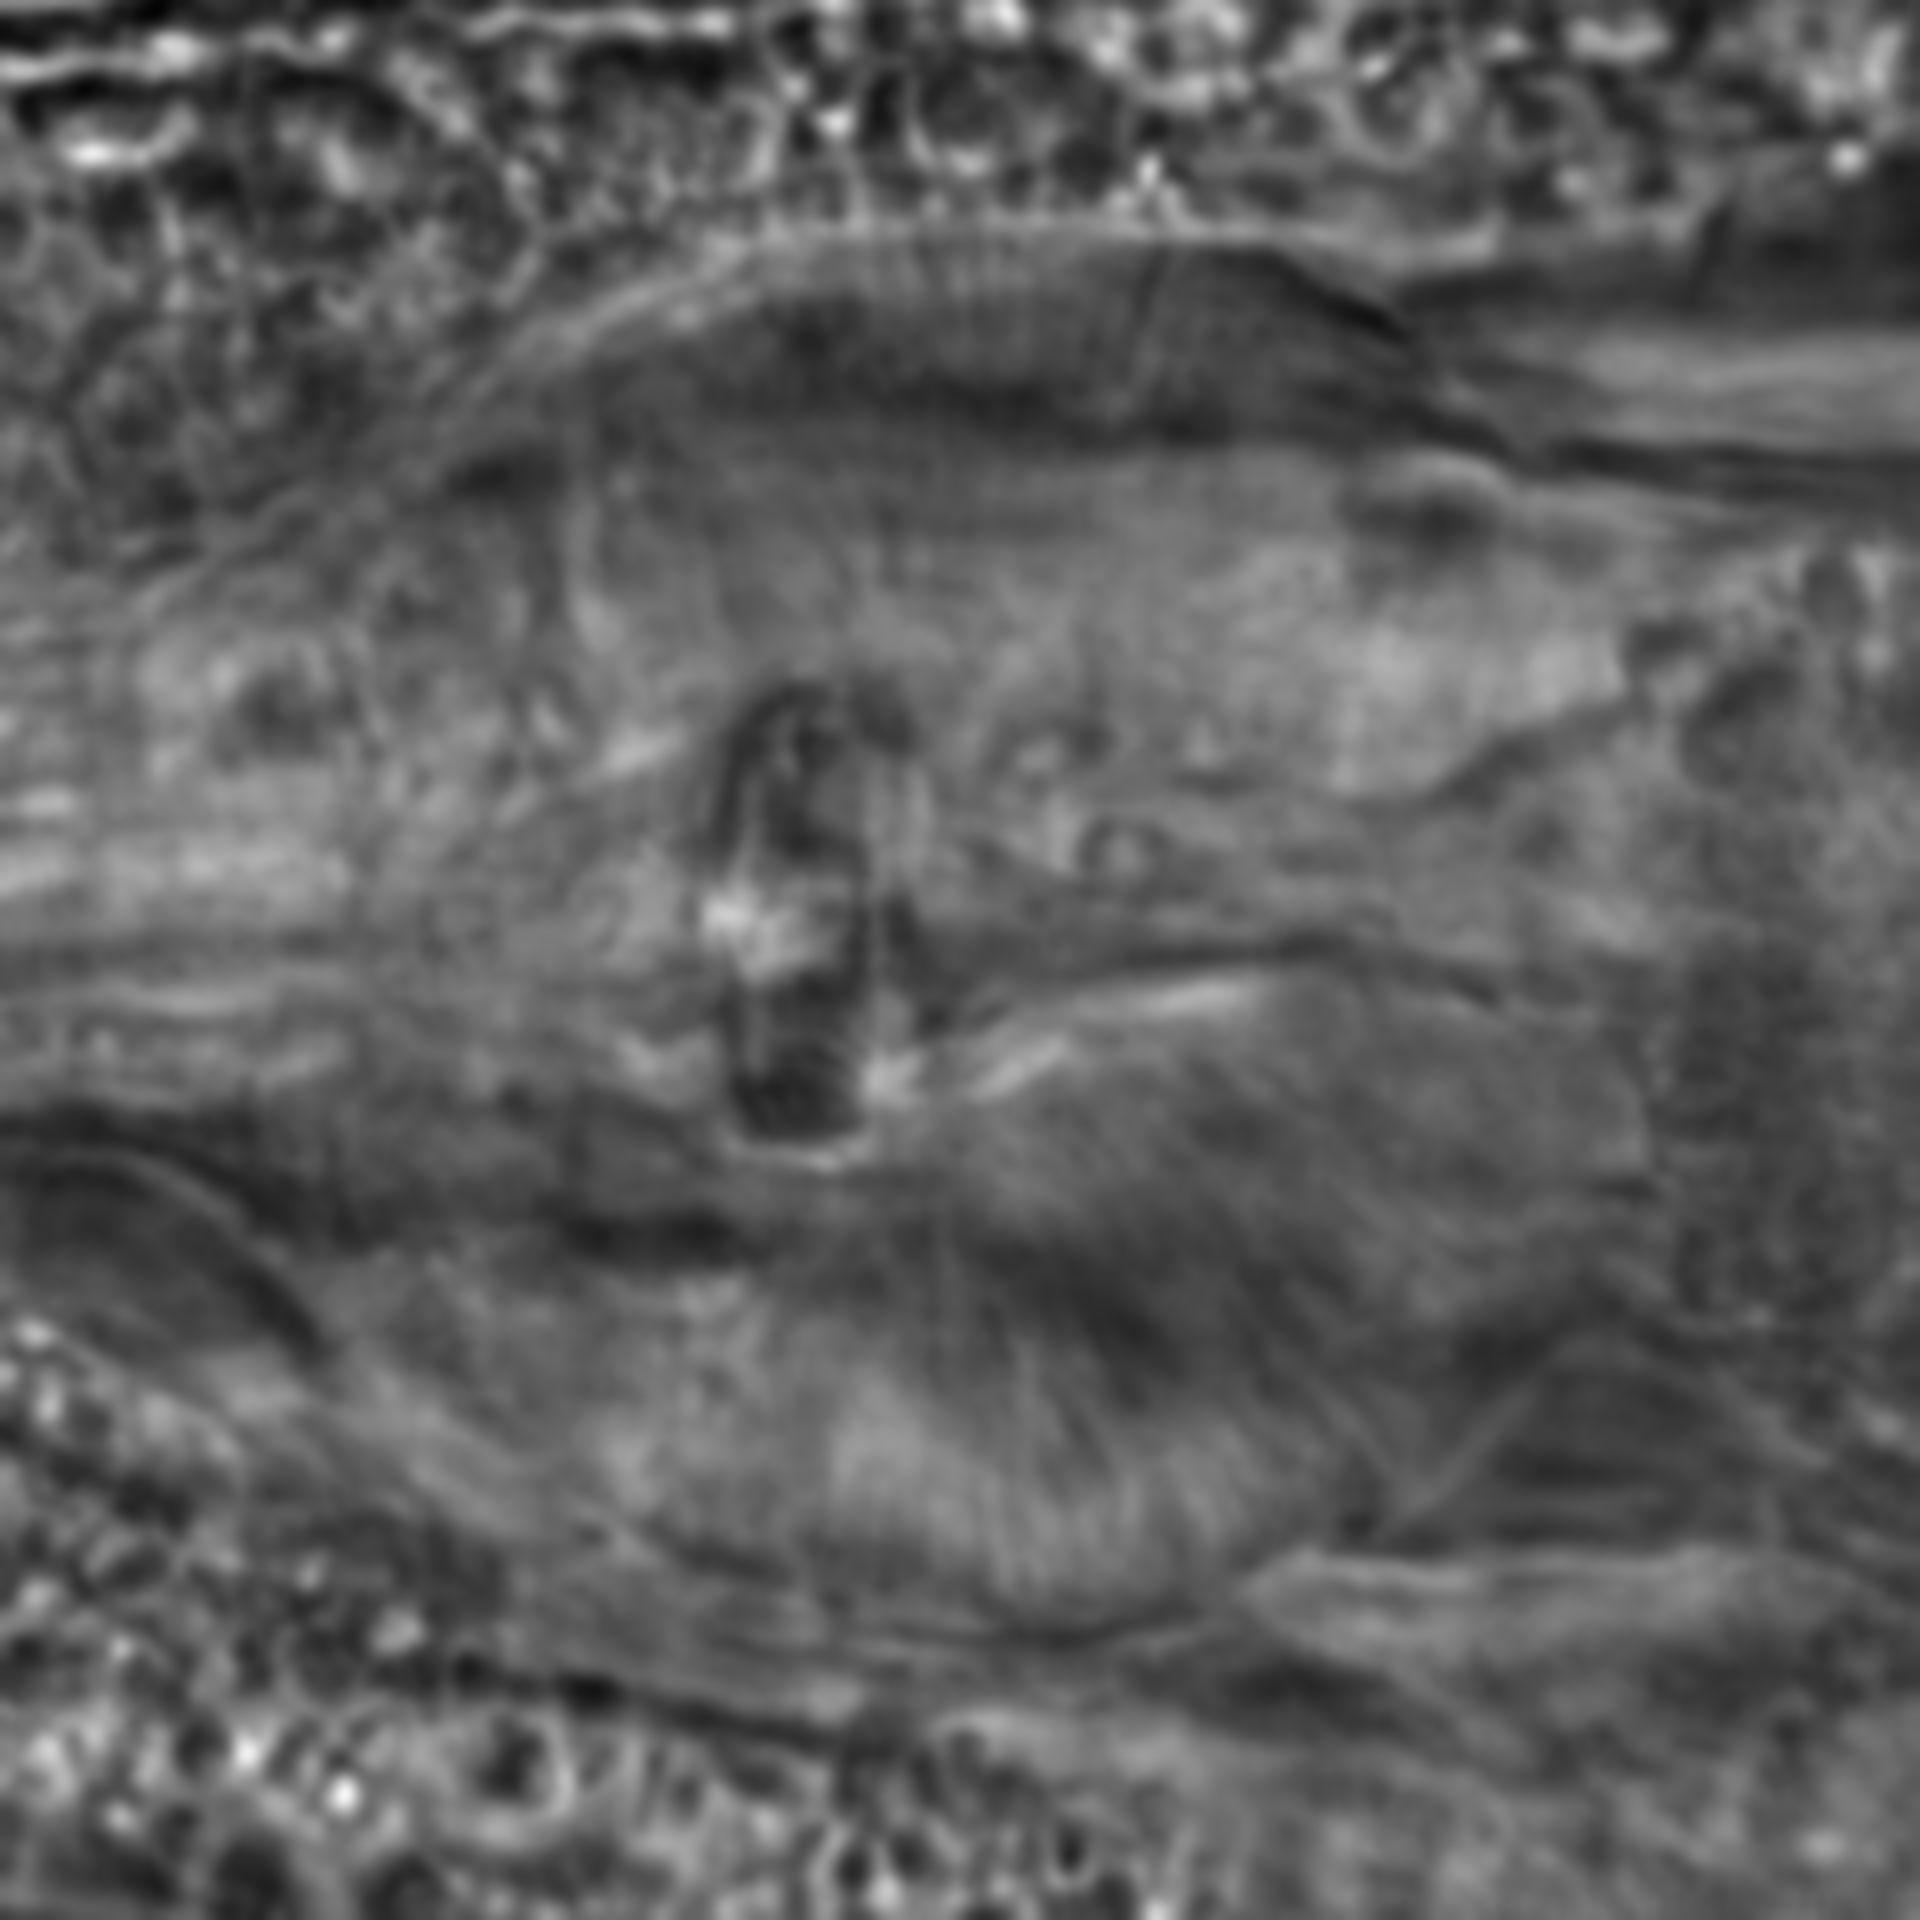 Caenorhabditis elegans - CIL:1921